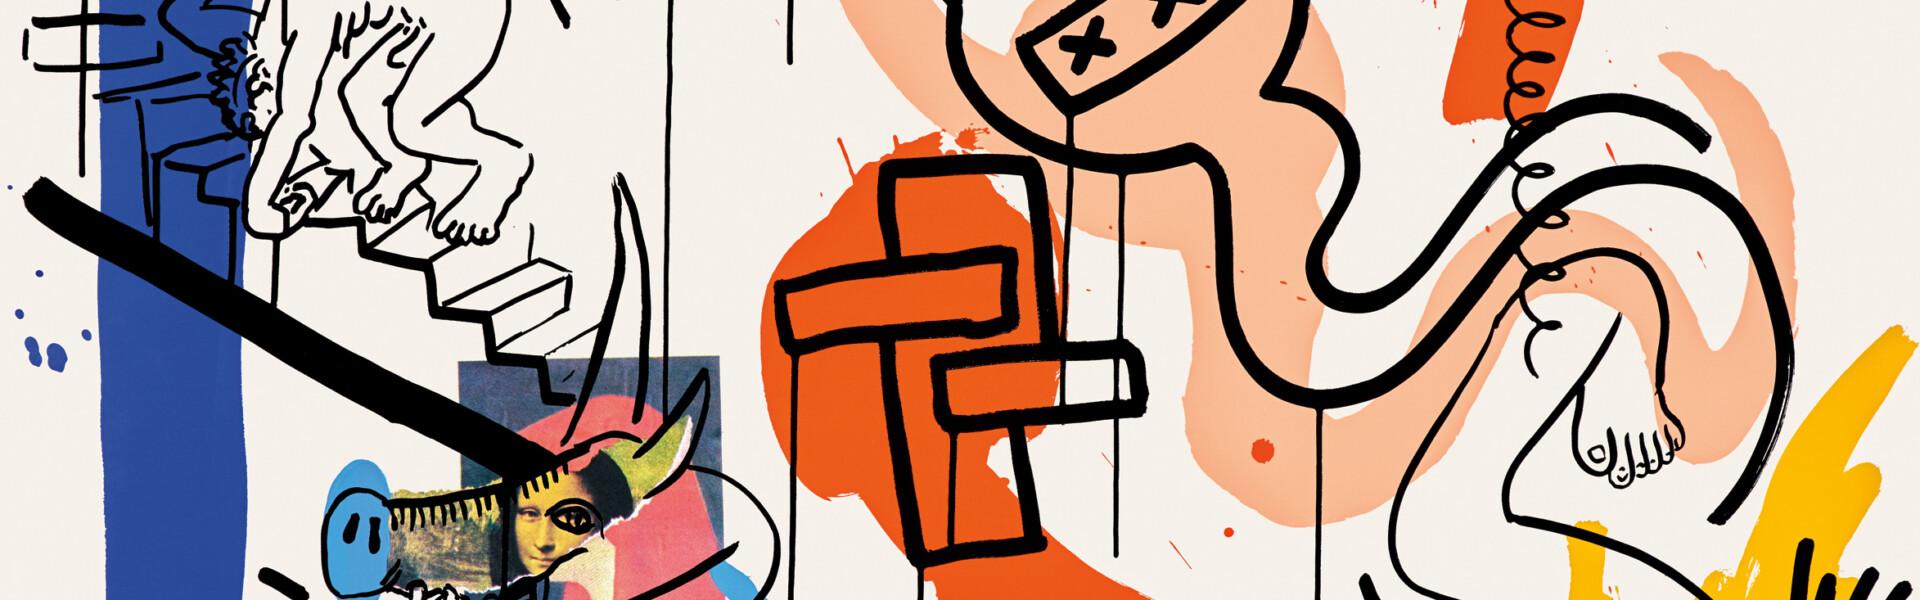 Keith Haring, Apocalypse (Detail), 1988, 10 Siebdrucke zu einem Text von William S. Burroughs, Blatt- und Bildmaß je 96,5 cm x 96,5 cm, Auflage 90, signiert, datiert und nummeriert © Keith Haring Foundation, Foto: Jens Nober, Museum Folkwang